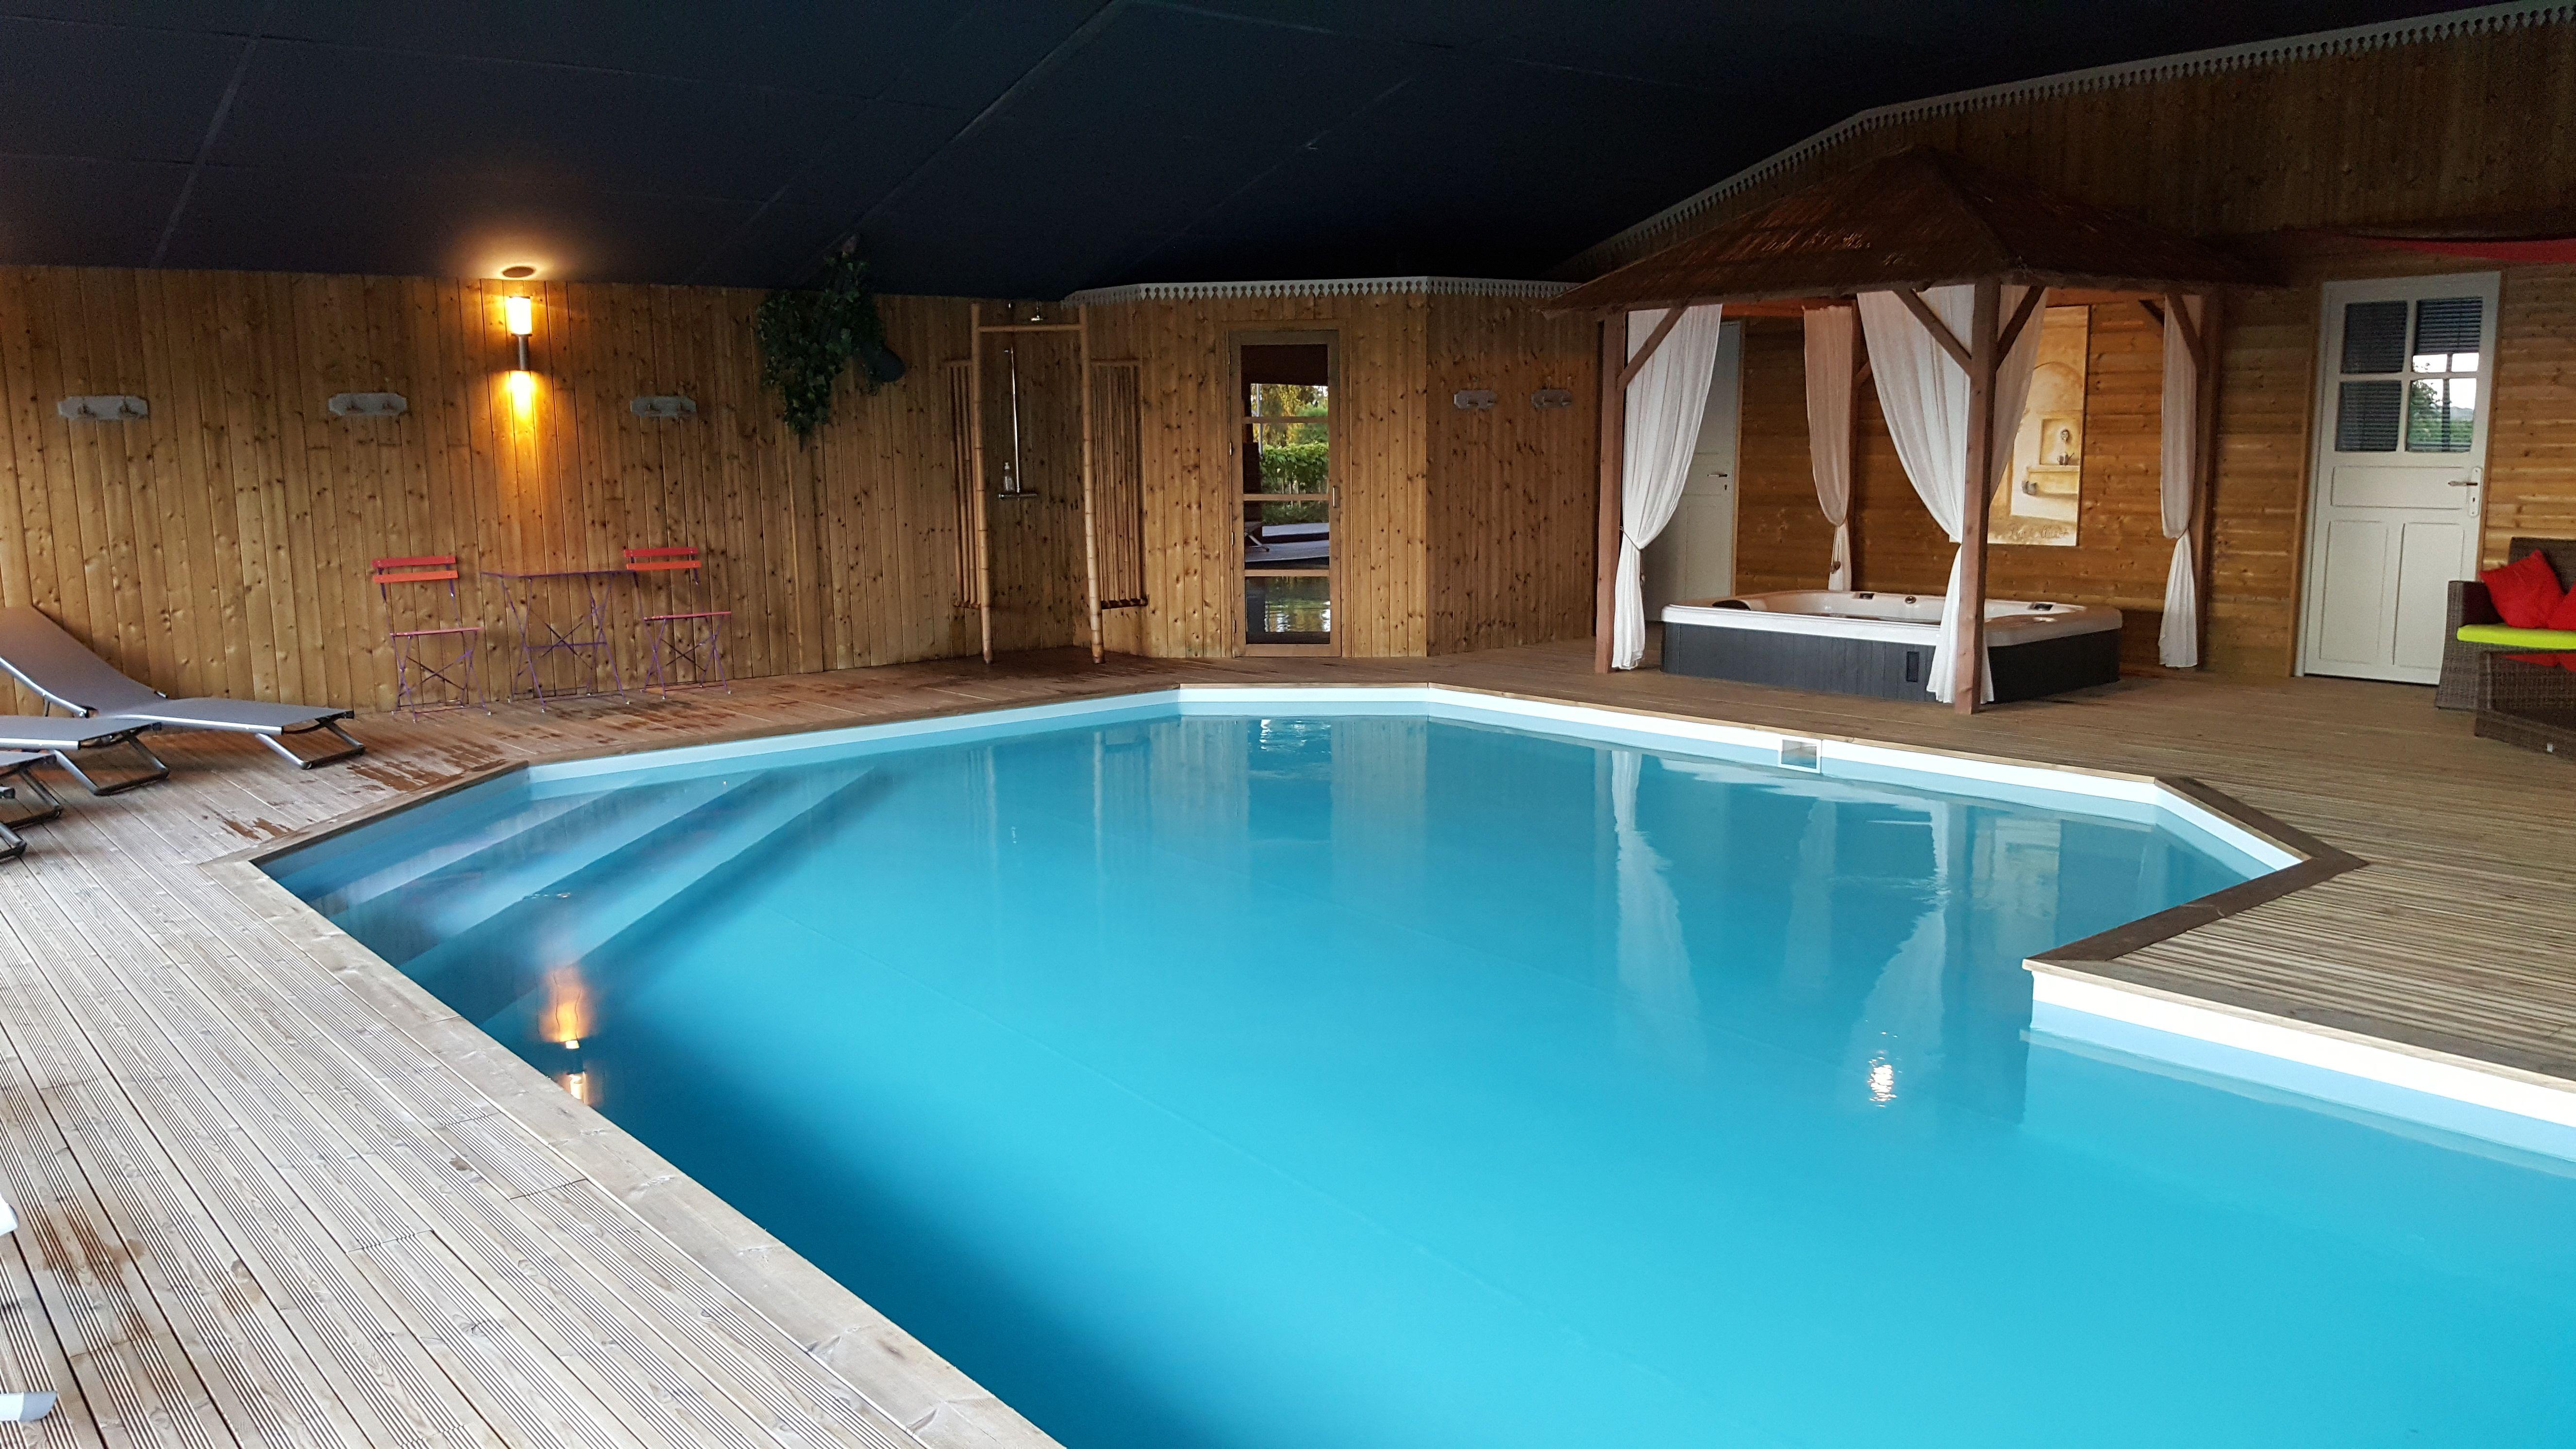 Espace détente couvert: Piscine sauna jacuzzi